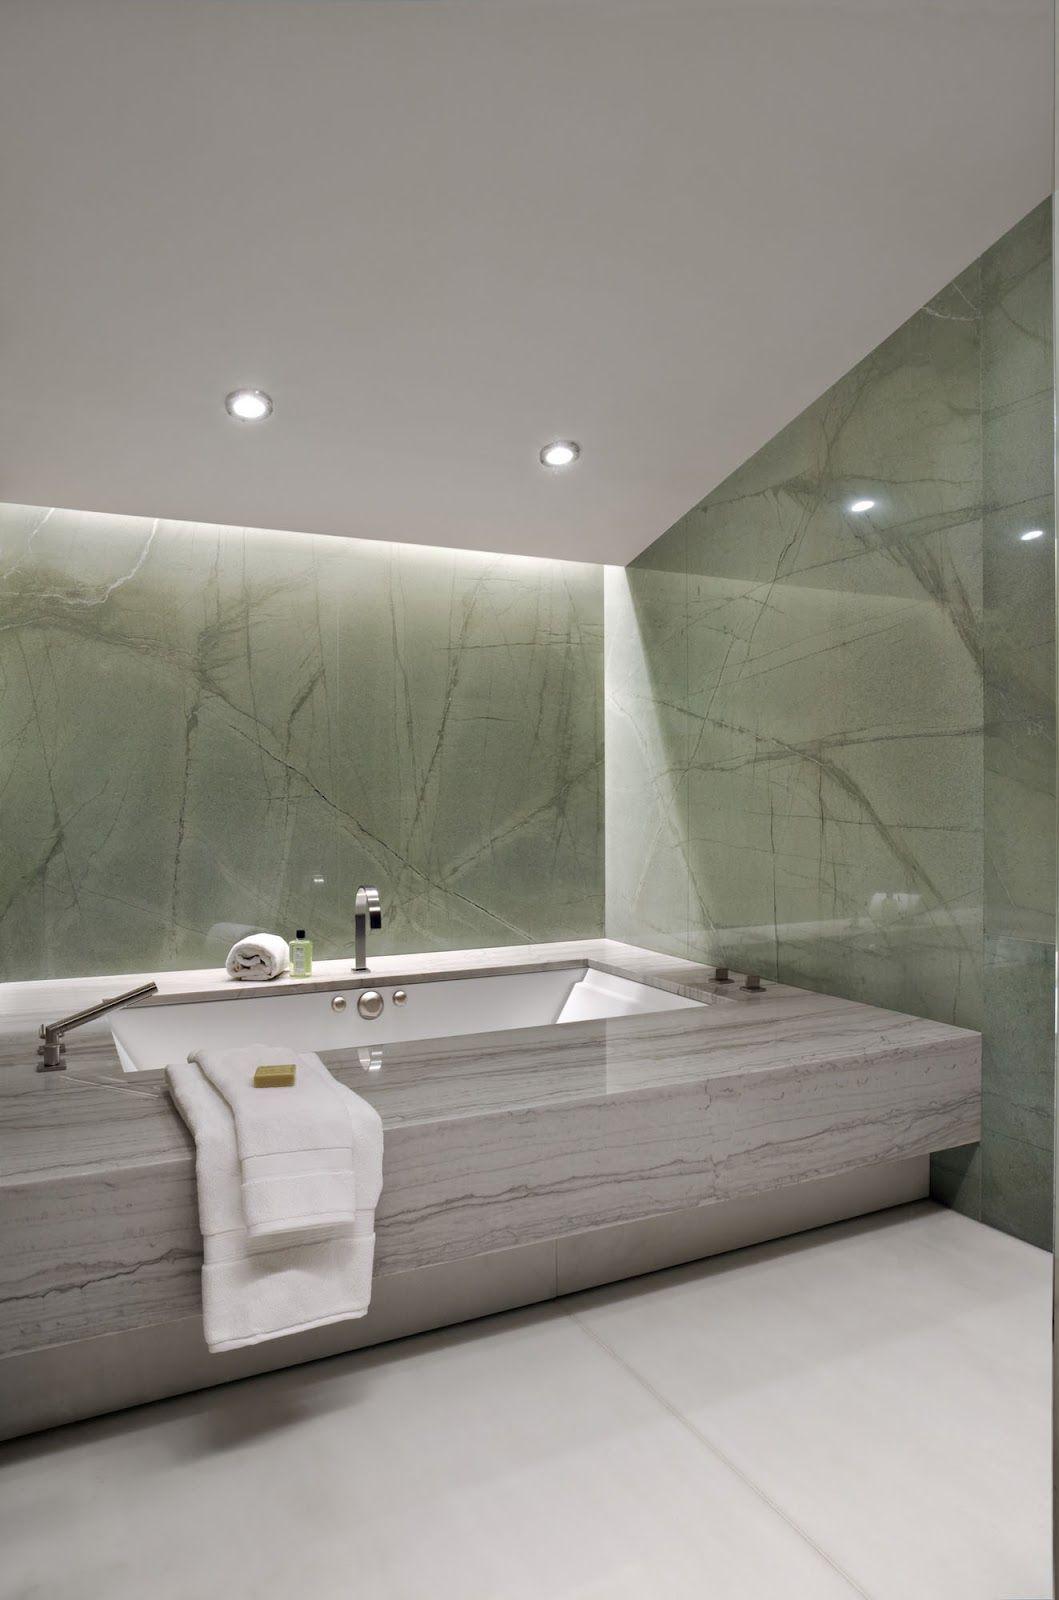 Inspiraciones dise o arquitectura y decoraci n deco for Arquitectura banos modernos